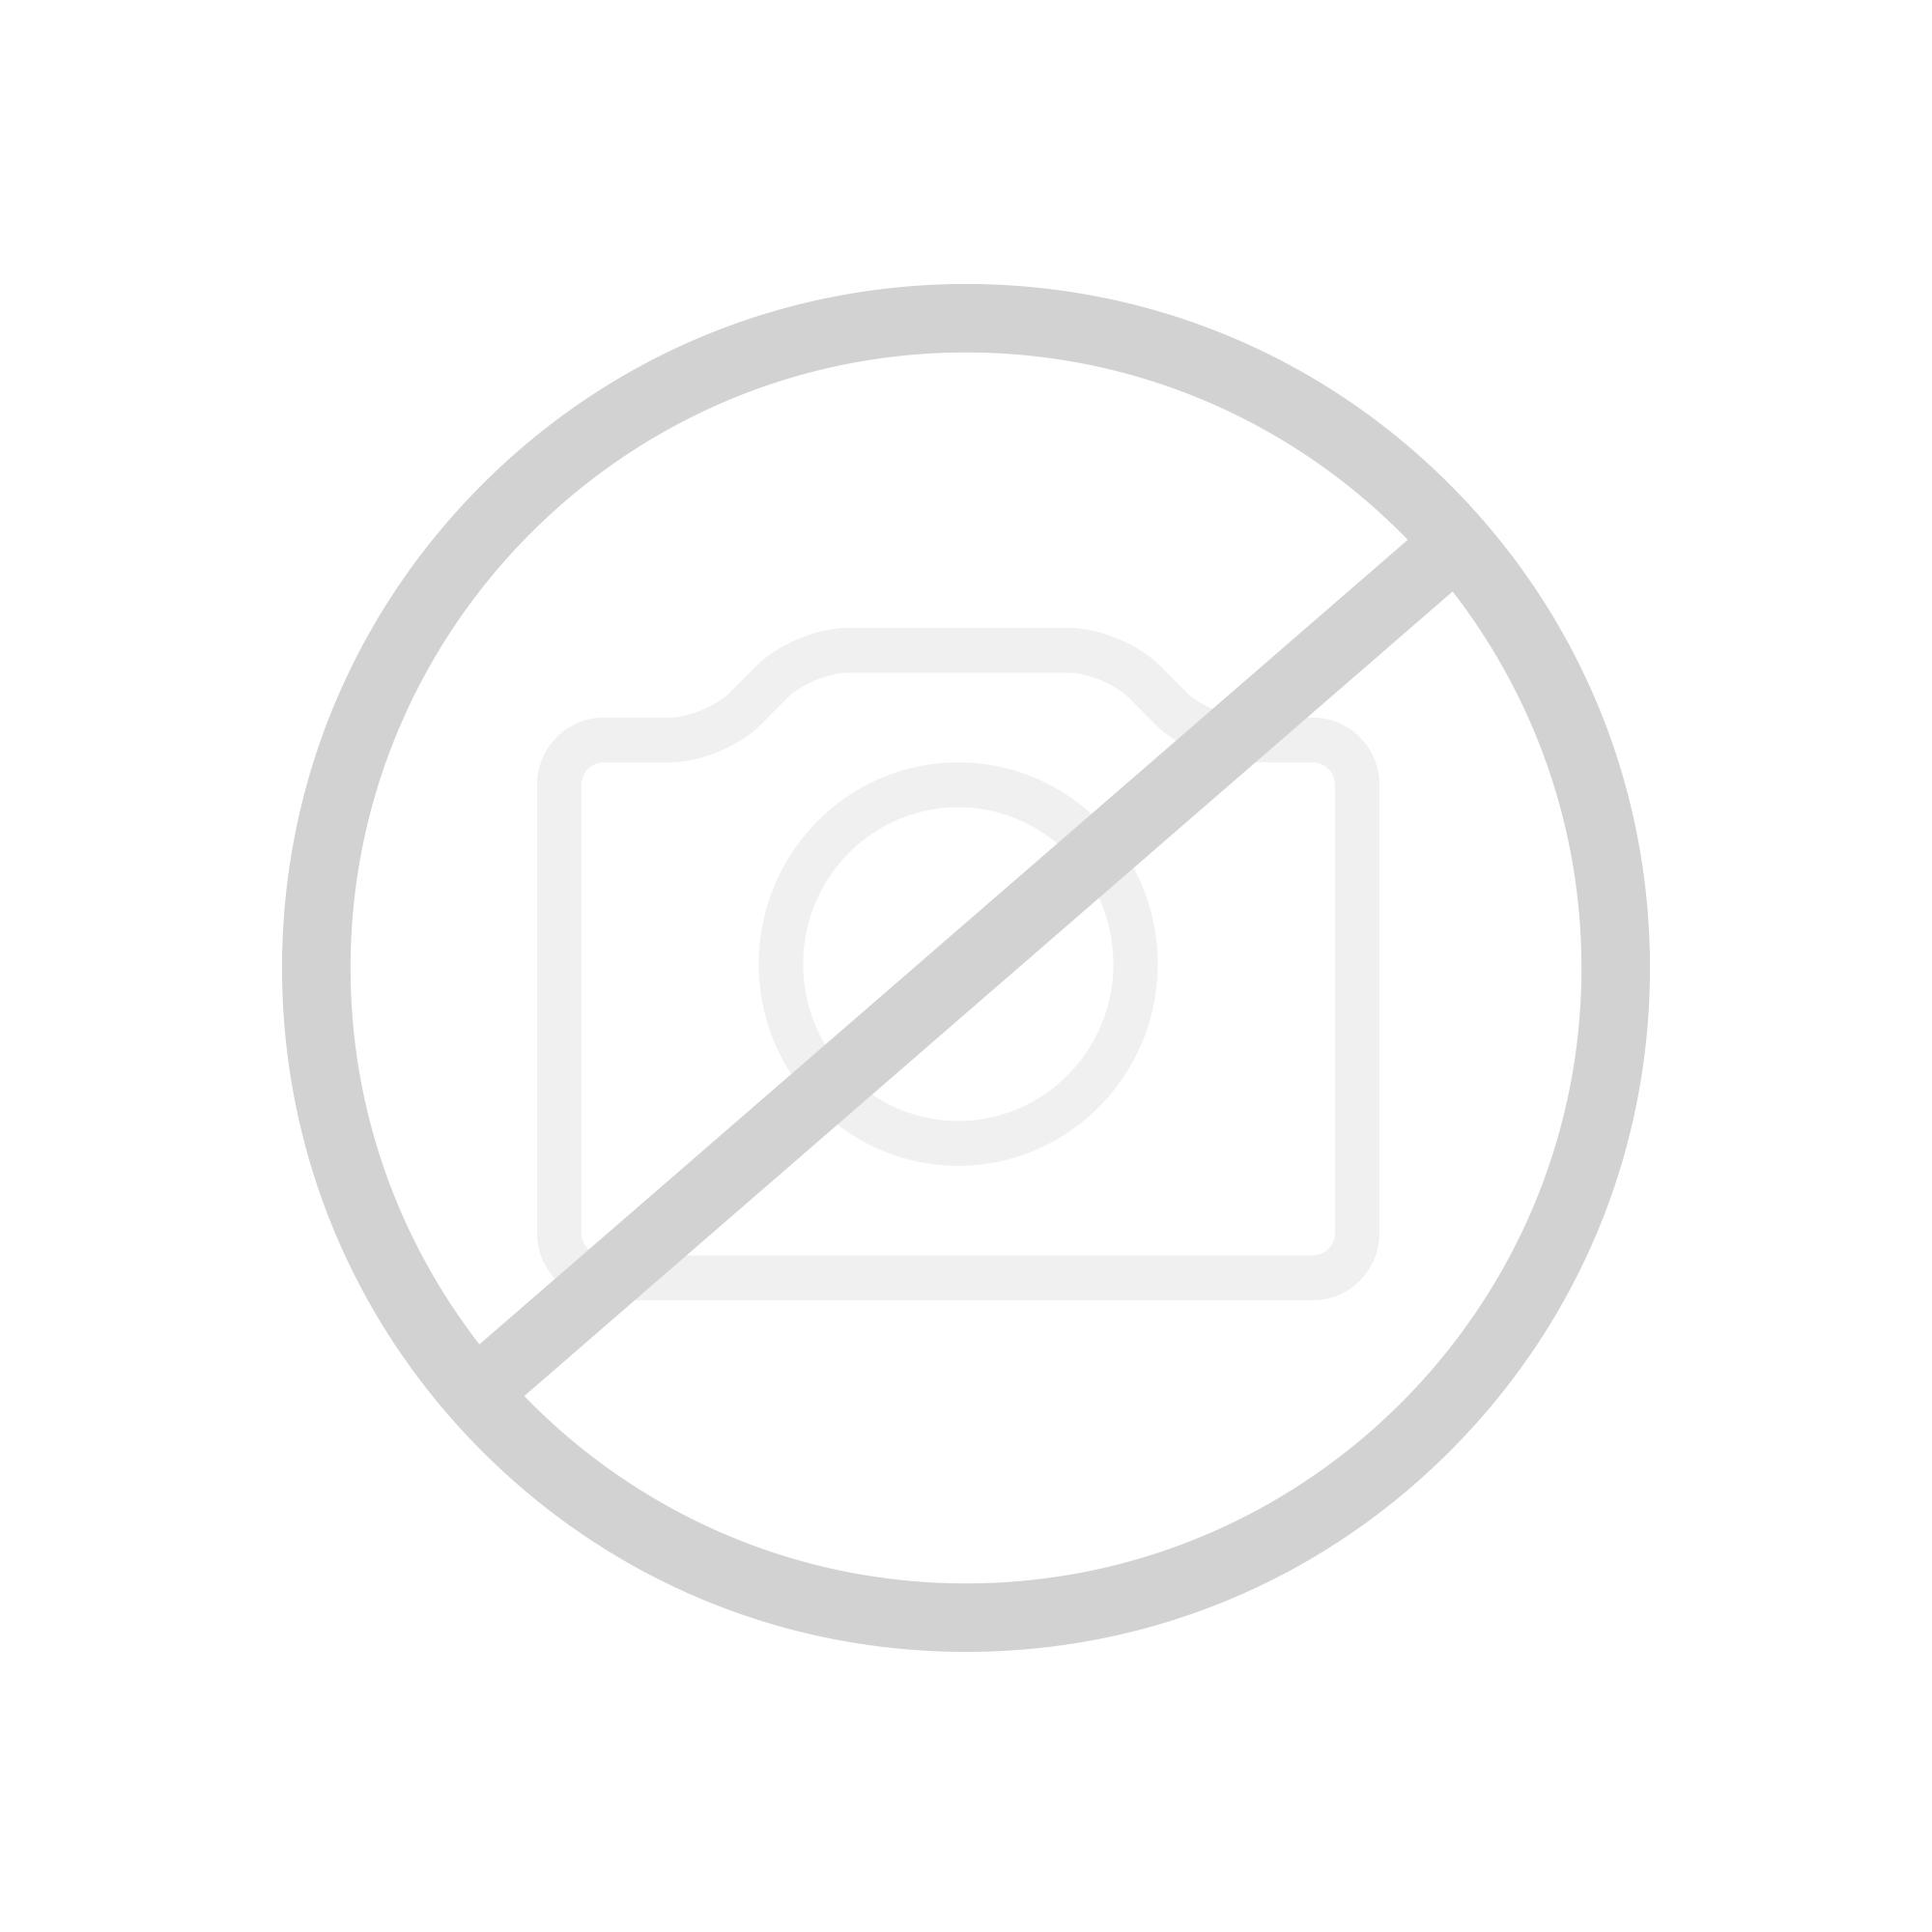 Sanipa 3way Waschtischunterschrank mit 4 Auszügen inkl. Glas-Doppelwaschtisch Front anthrazit glanz/ Korpus anthrazit glanz